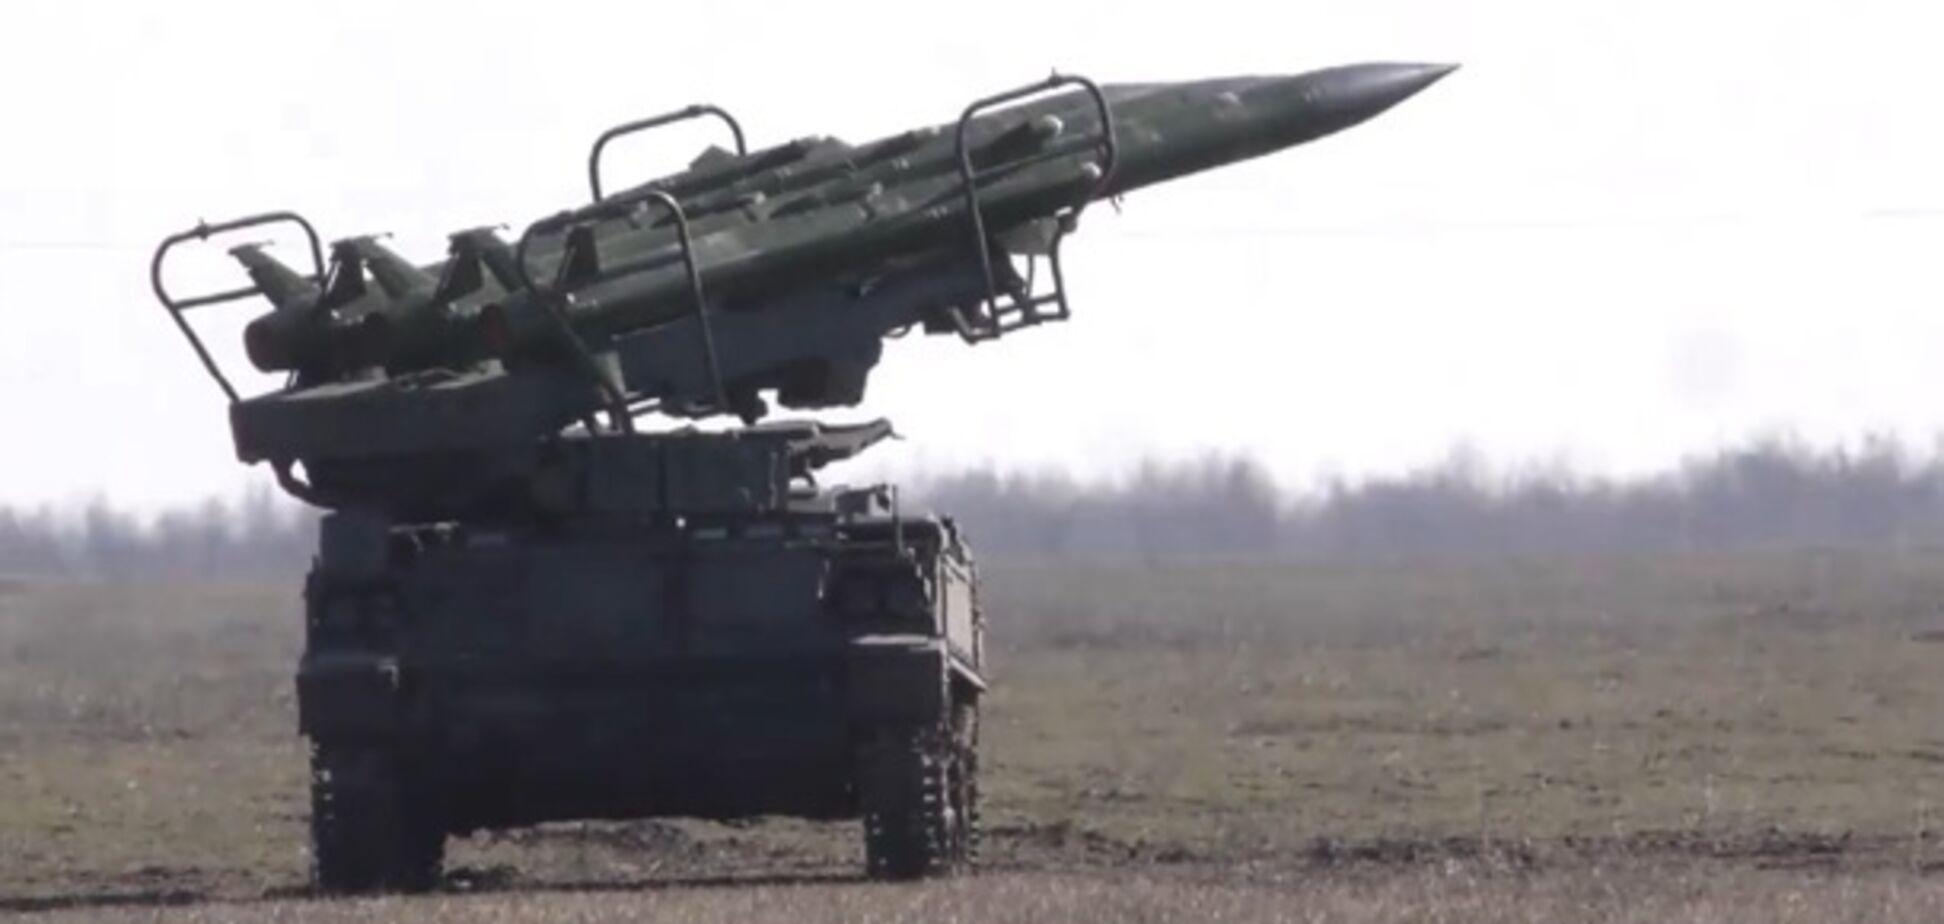 В Украине испытают мощнейшие ракетные системы: что известно